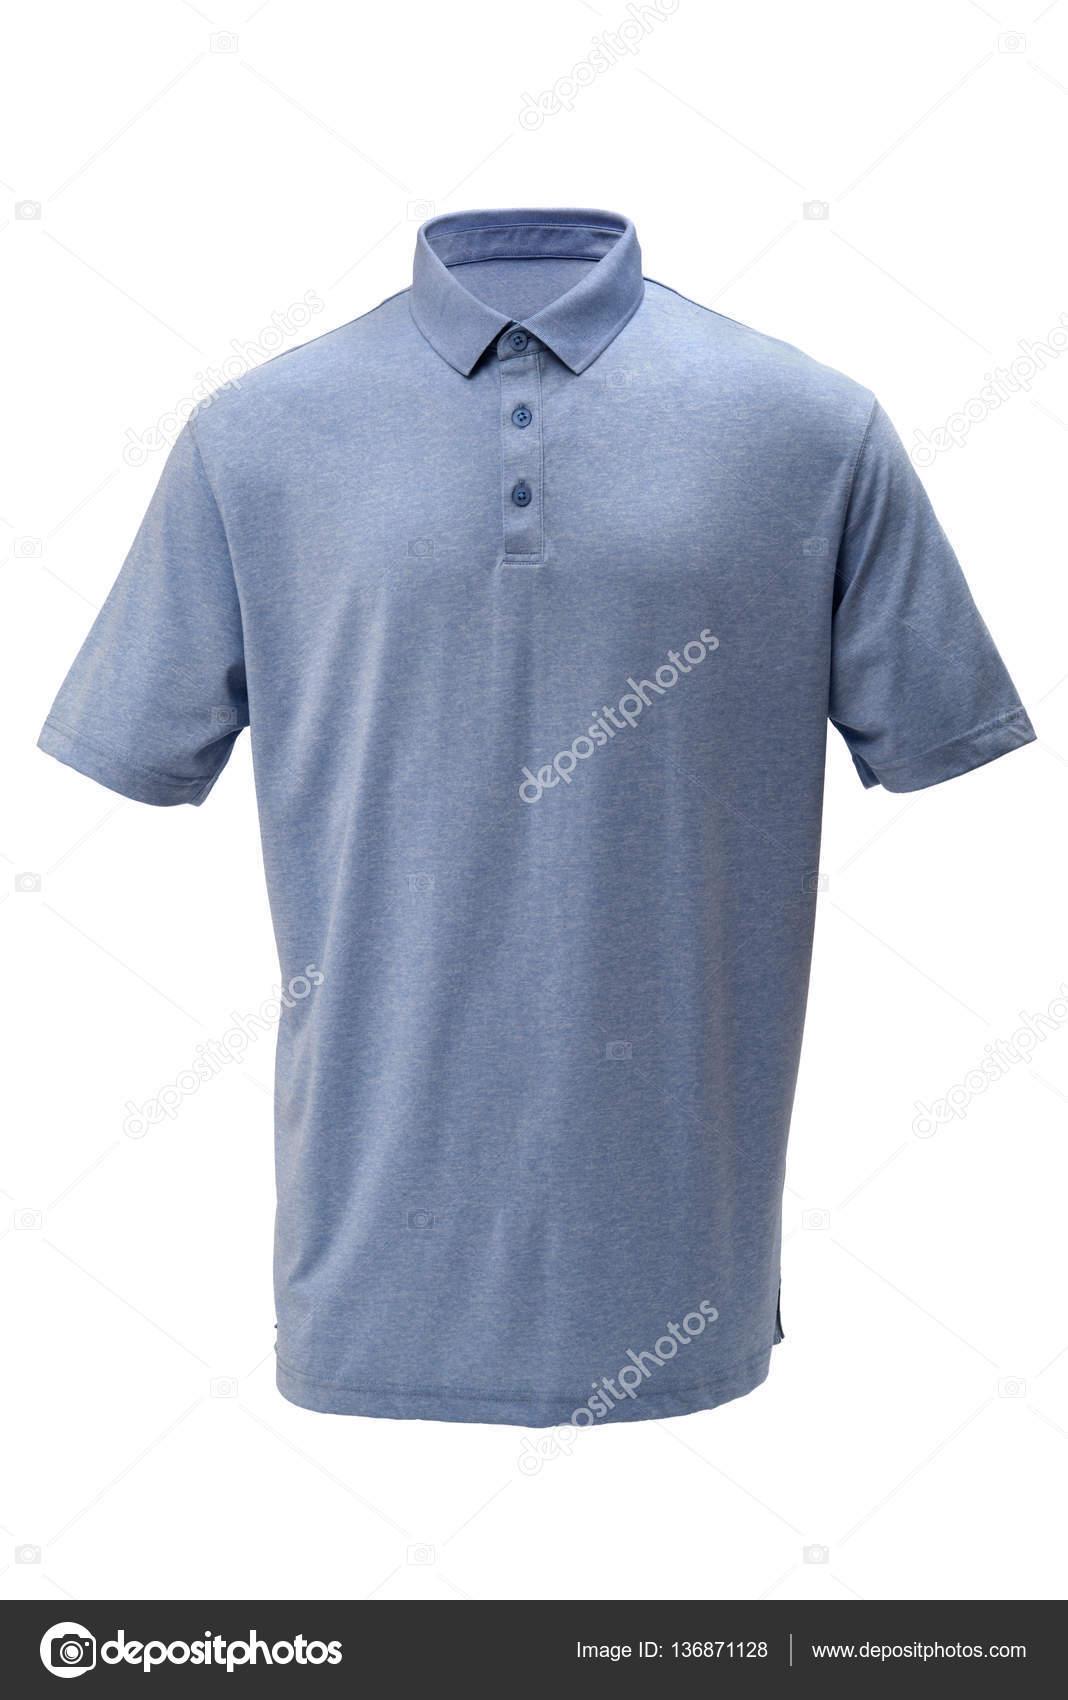 6f024a1c8f A férfi vagy nő, fehér alapon világos kék golf teeshirt — Fotó szerzőtől ...